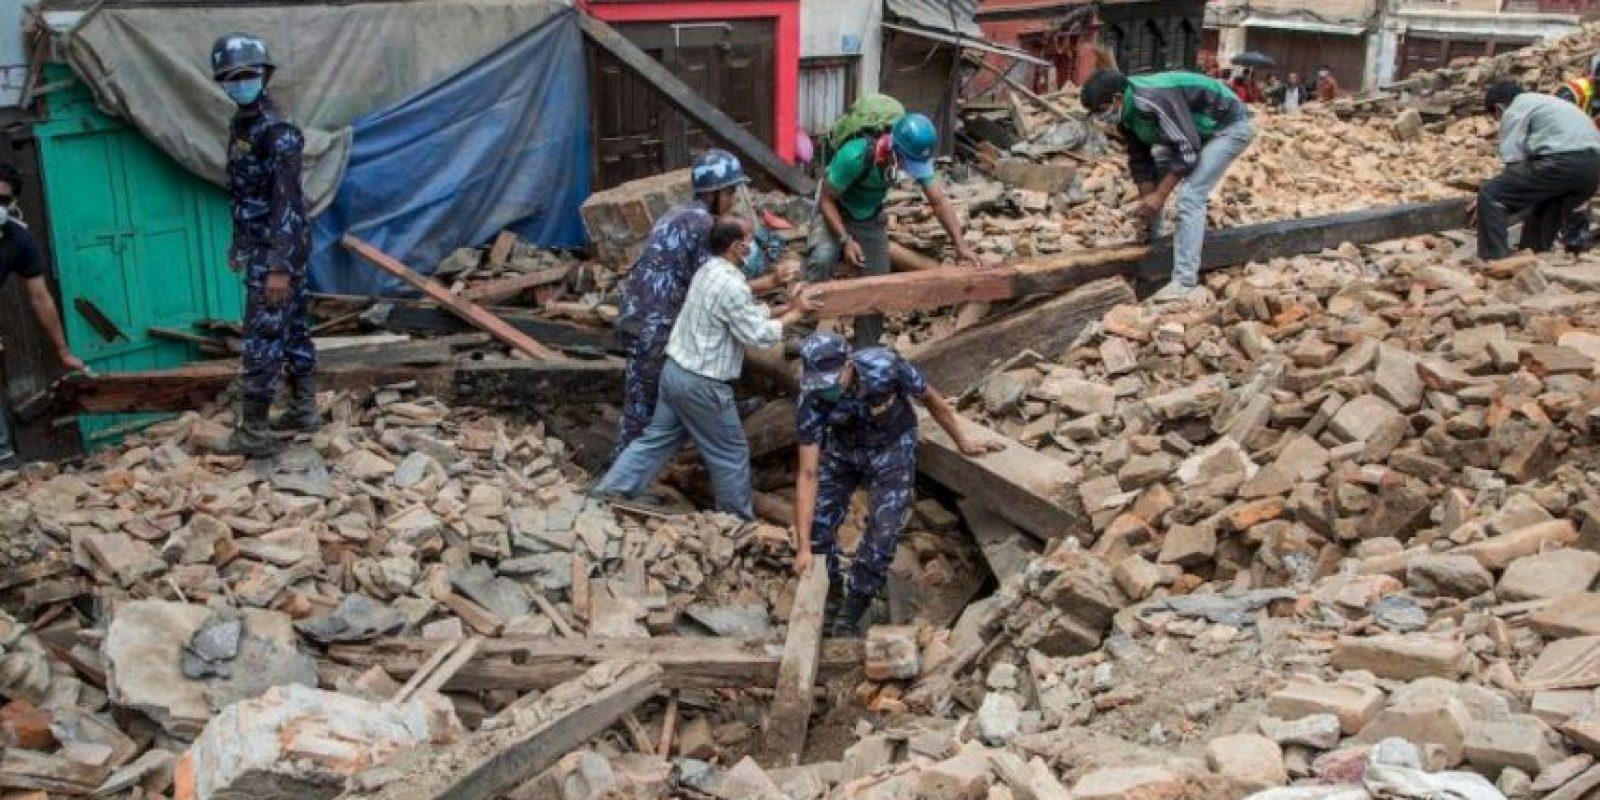 El terremoto que sufrió Nepal fue el 25 de abril. Foto:Getty Images